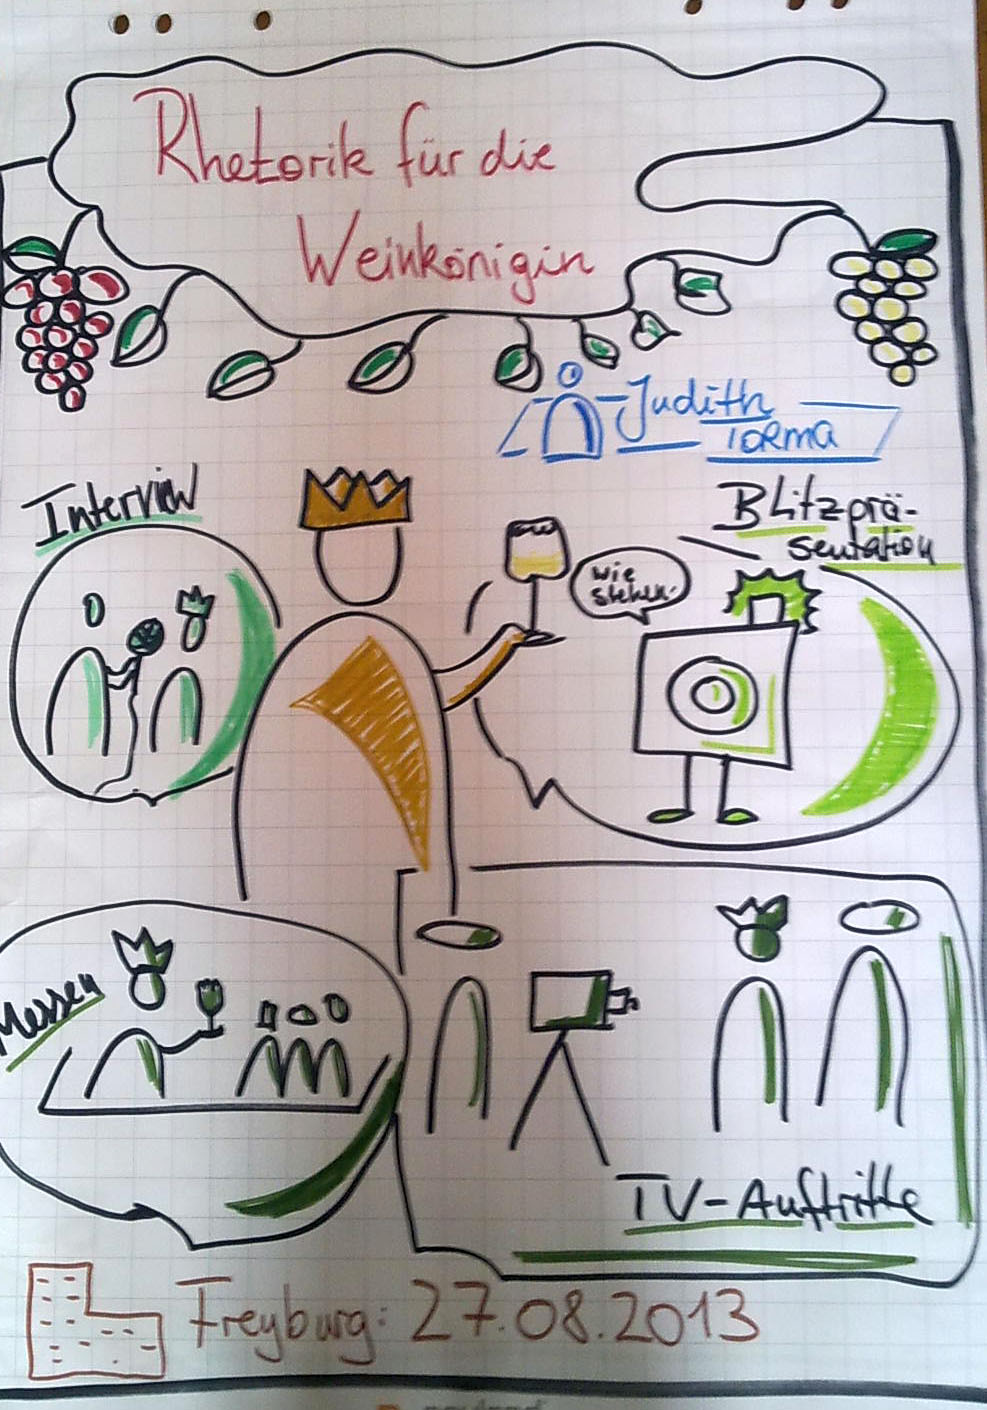 Rhetorik für Weinhoheiten Rhetorik für Weinköniginnen  Sehr gern nahm ich die Einladung nach Freyburg an und arbeitete dort mit wundervollen jungen Fachfrauen - der Weinkönigin. Unsere Themen:      Interviewtechniken,     Blitzpräsentationen     TV-Auftritte     Messen     Umgang mit unangenehmen Fragen     Körpersprache, Mimik, Gestik     Begeisterung ausdrücken